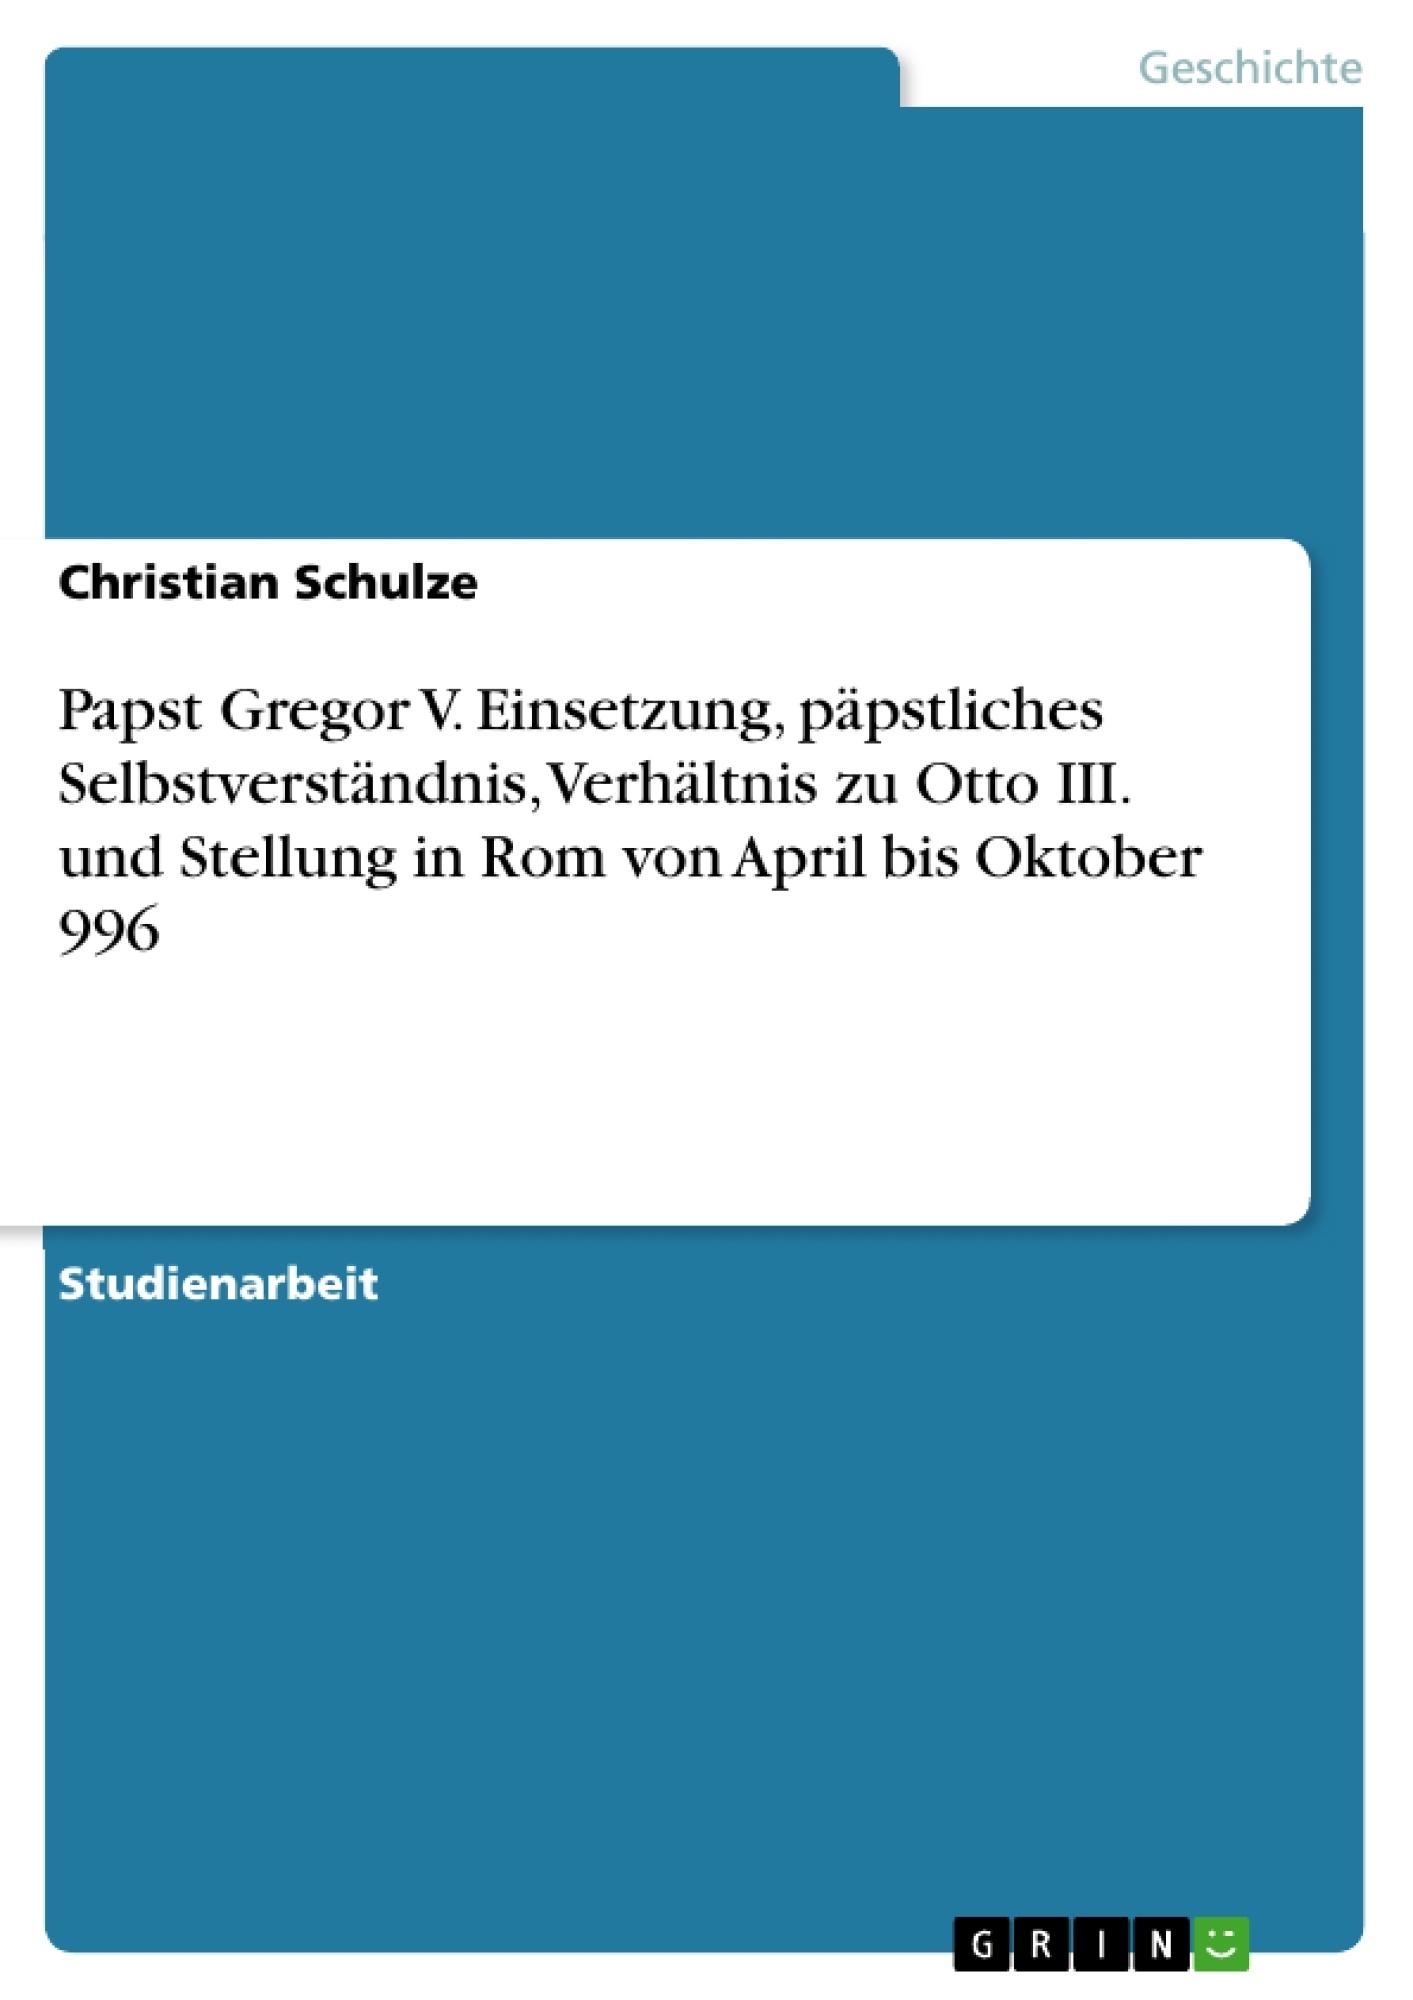 Titel: Papst Gregor V. Einsetzung, päpstliches Selbstverständnis, Verhältnis zu Otto III. und Stellung in Rom von April bis Oktober 996